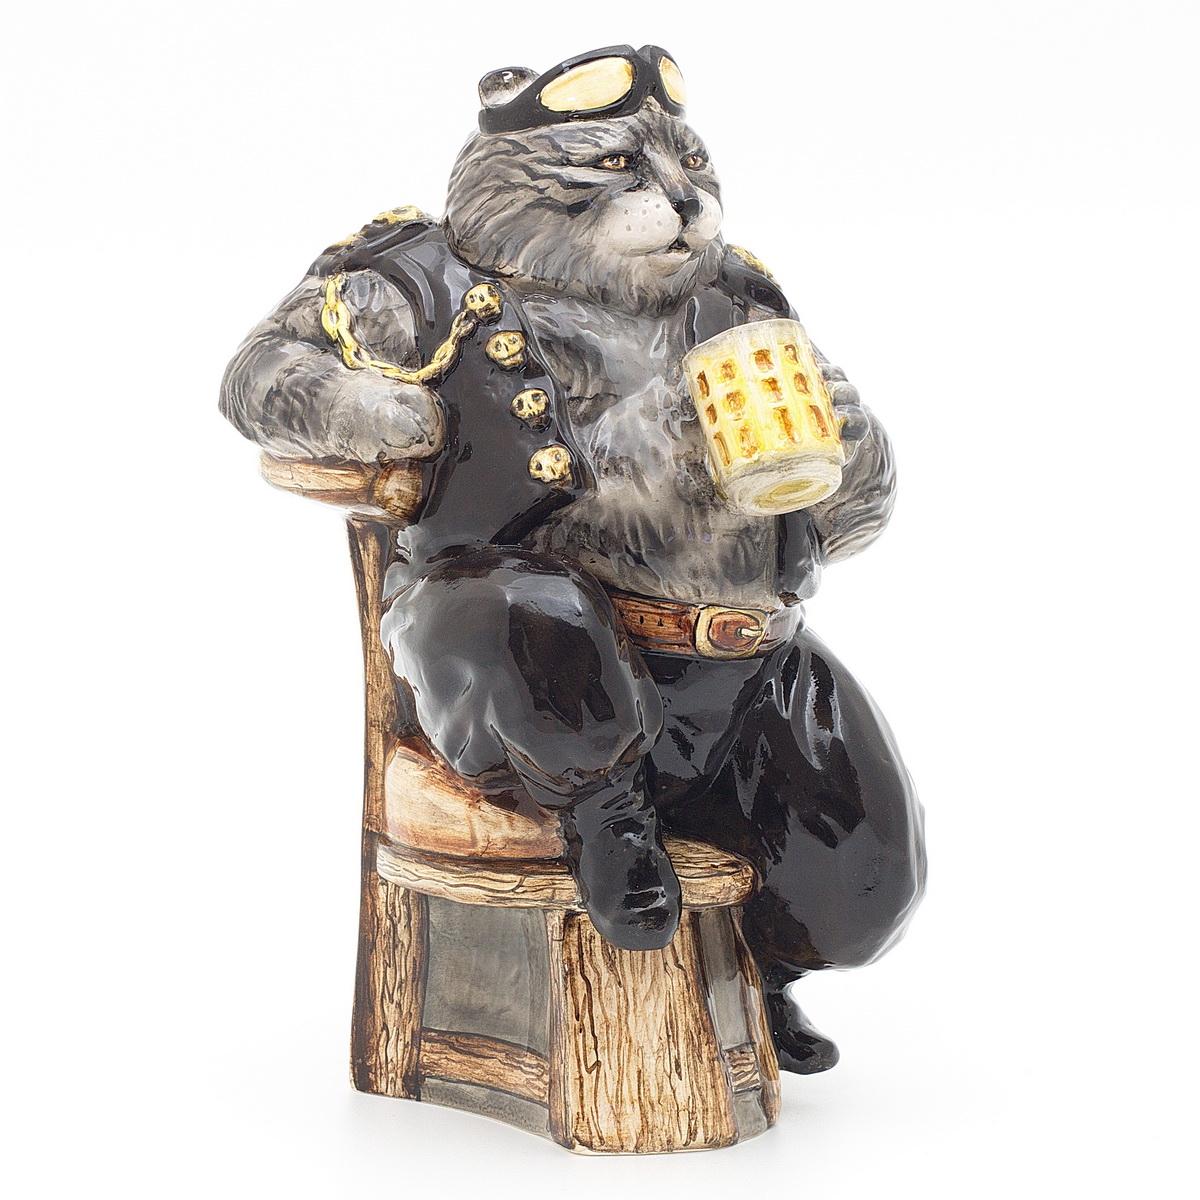 """Керамическая статуэтка """"Кот байкер"""". Авторская работа. ZORA. Россия. Керамика Zora, ручная работа, ручная роспись, несколько обжигов, смешанная техника глазури. Размер: 28 х 18 см. Сохранность хорошая. Отличный подарок для мужчины! Серьезный котяра - любитель гонок, красивых женщин и пива. Парням нравится! Поднимает настроение, вызывает улыбку, украшает интерьер. Избавляет от комплексов, льстит самолюбию!"""